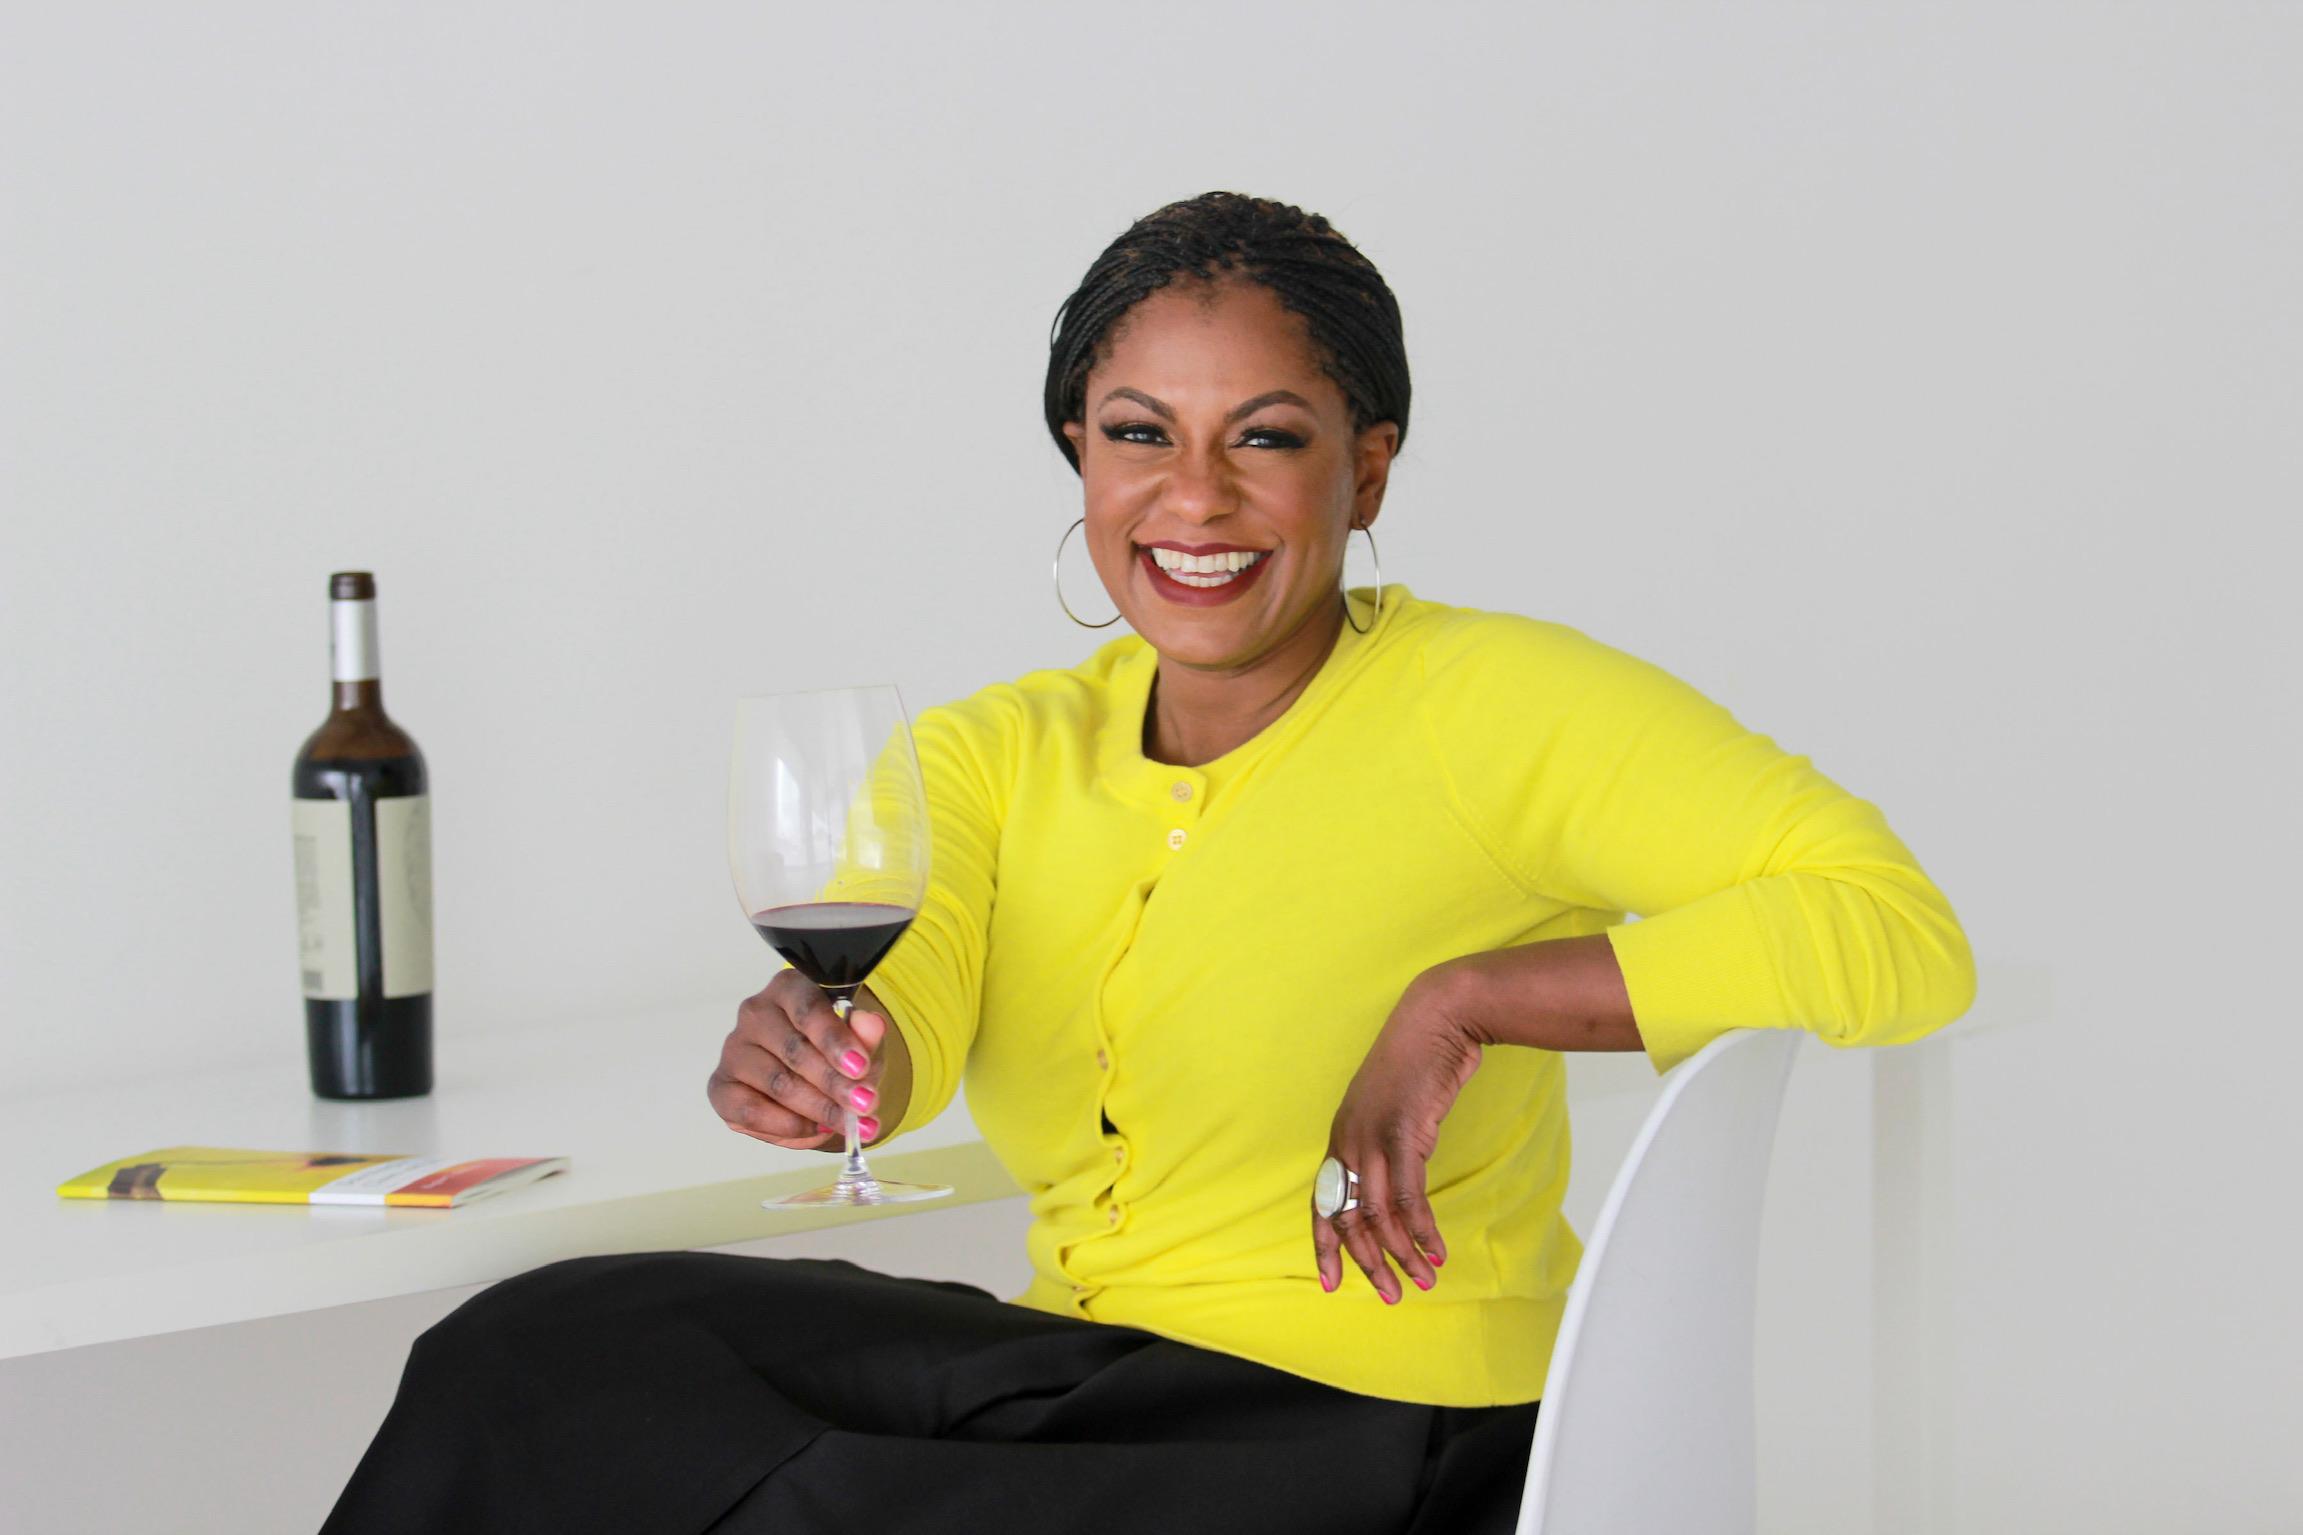 Regine Rousseau Shall We Wine